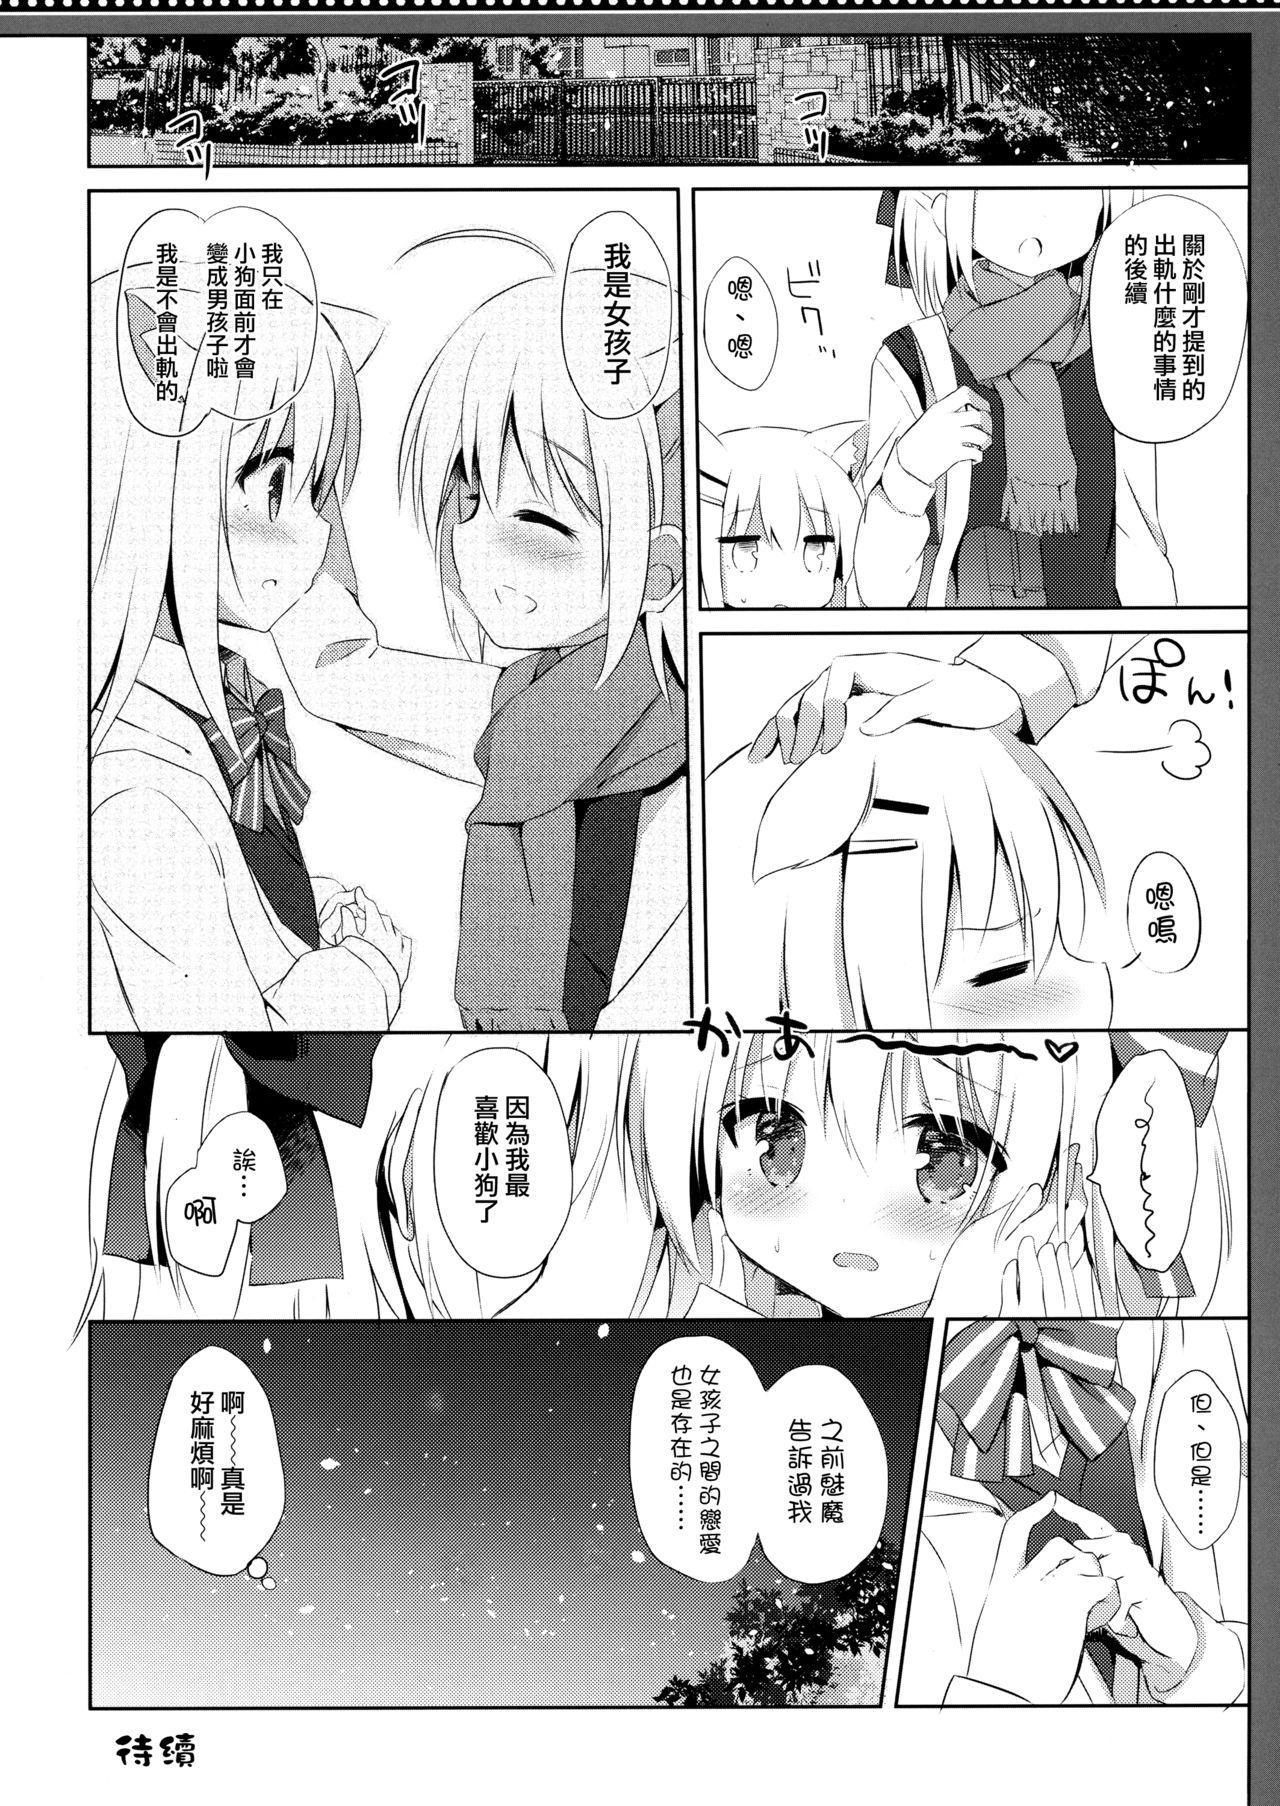 (C95) [DOGYEAR (Kujou Danbo)] Goshujin-sama to Koinu no Midareta Seikatsu 5-kame [Chinese] [CE家族社] 28